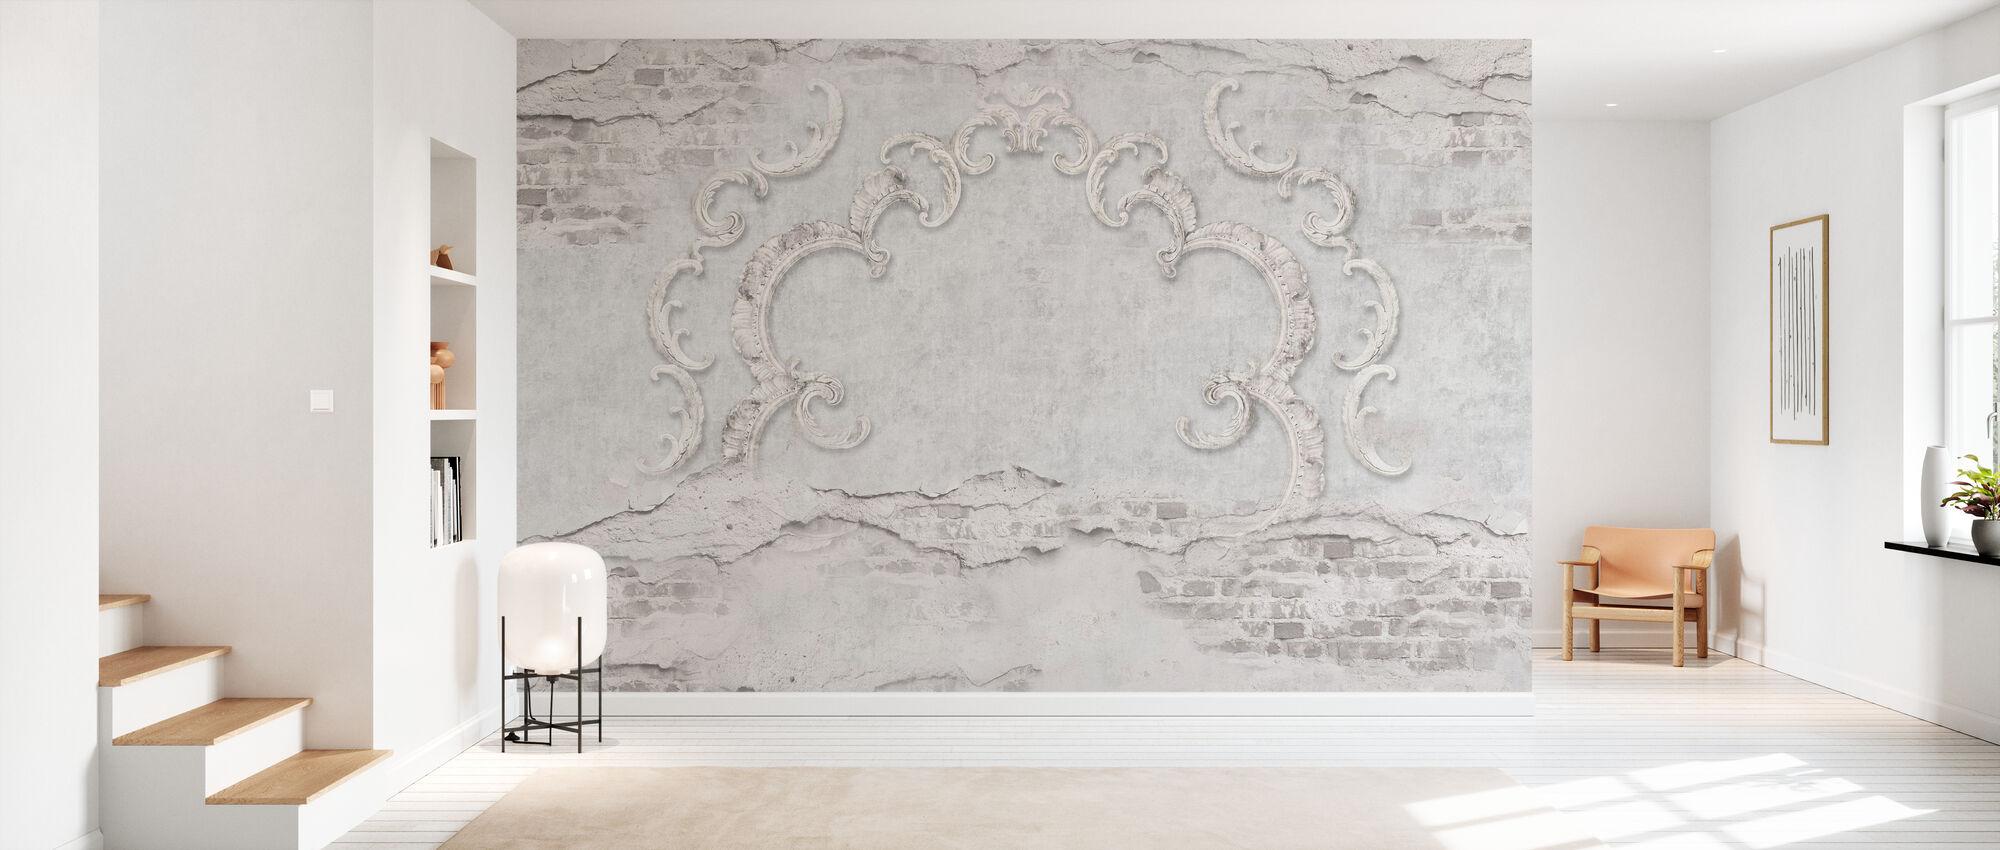 Gebarsten bakstenen muur met stucwerk - Behang - Gang